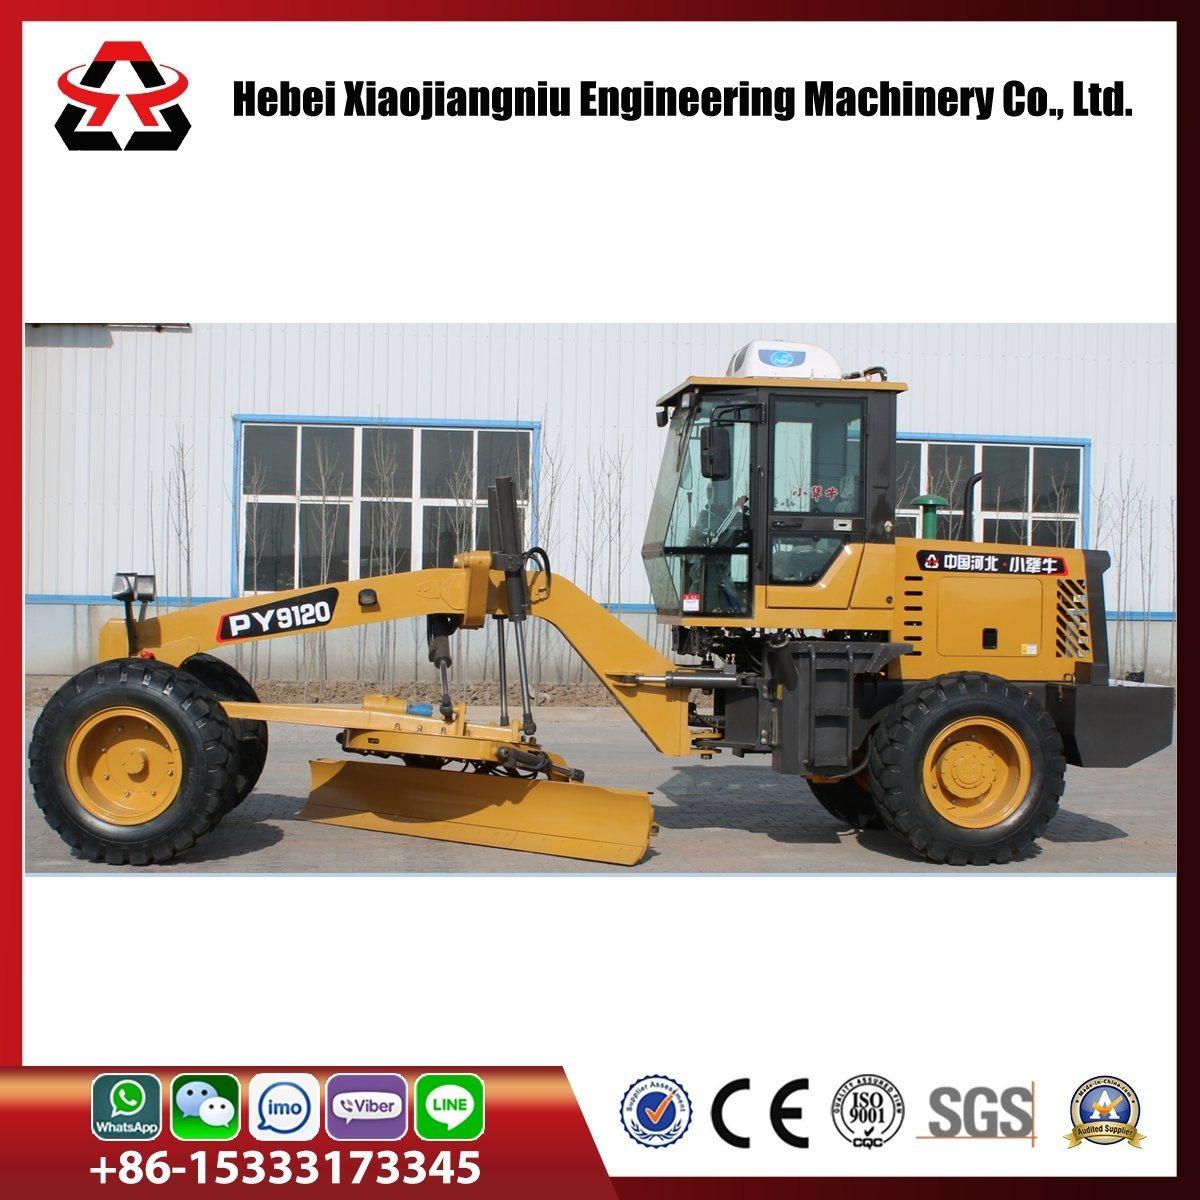 120 HP Mini Motor Grader for Road Construction